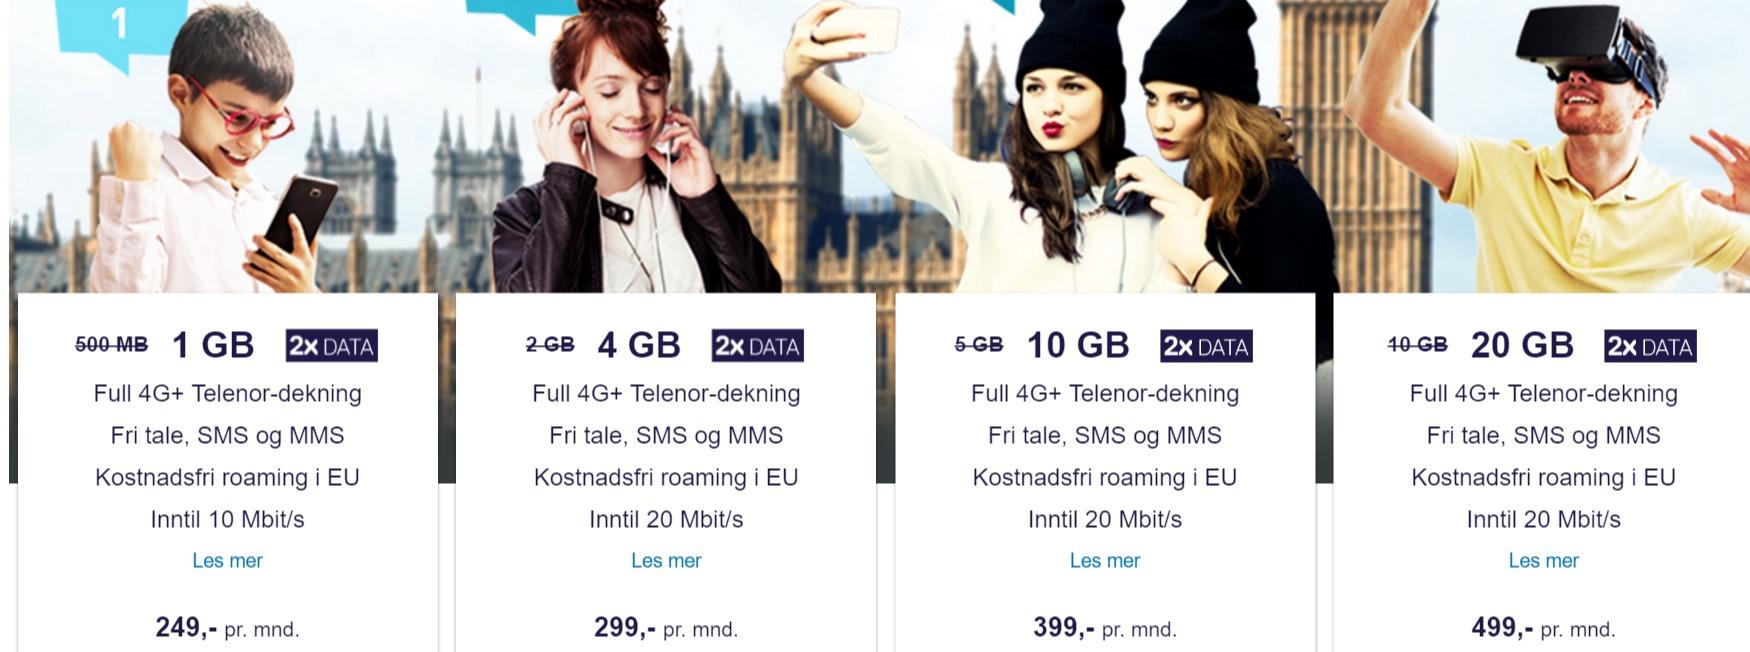 Komplett Mobil lanseres med fire forskjellige abonnementer.